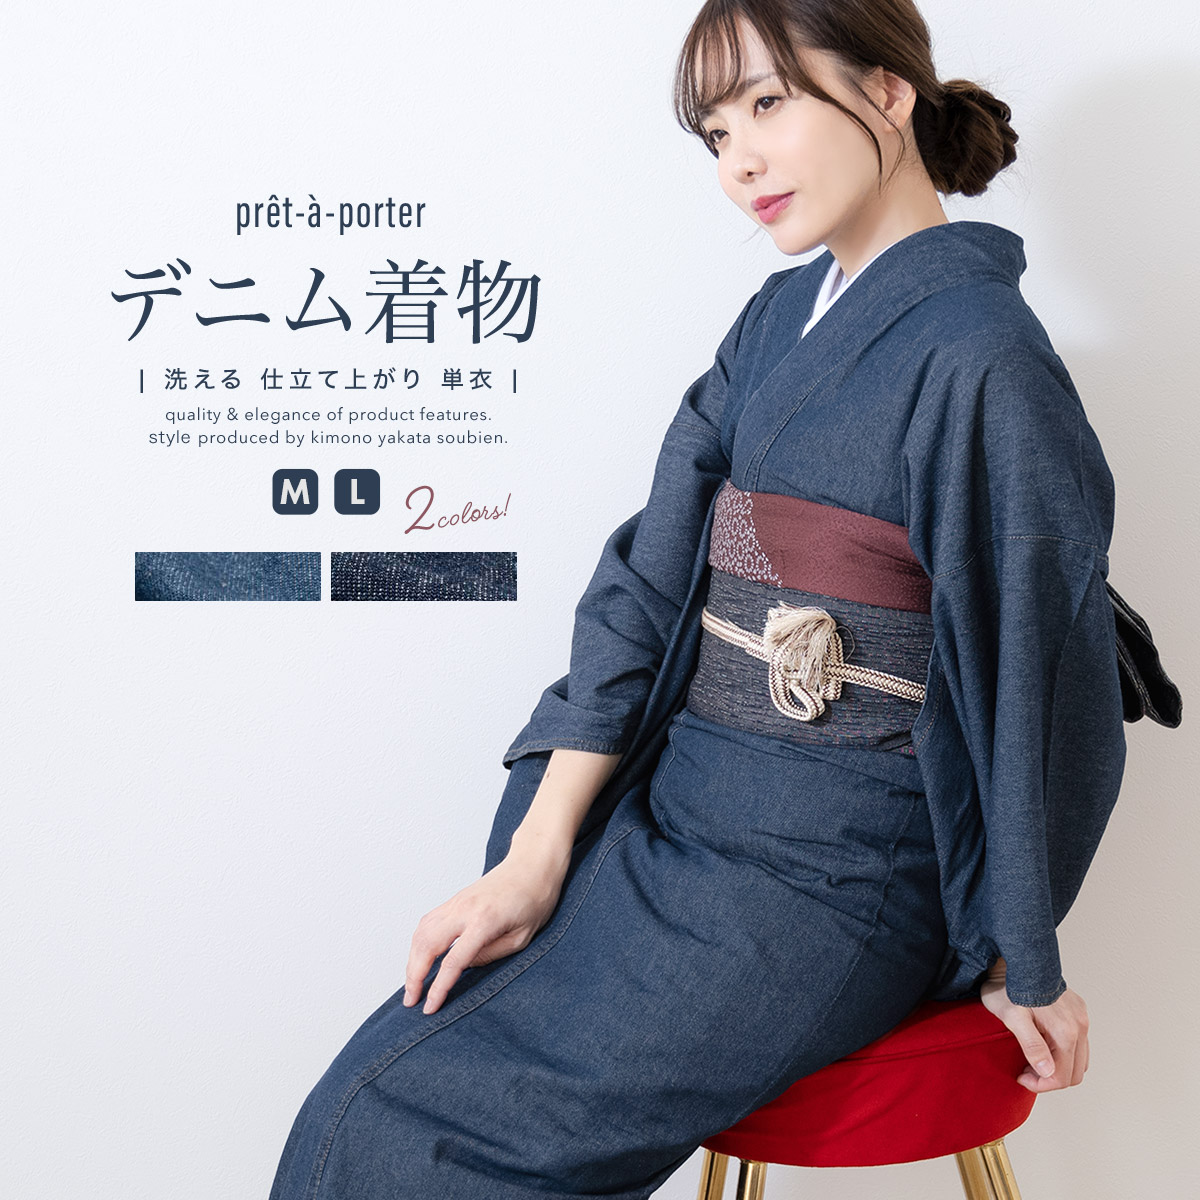 シンプルで魅力的なデニムの着物